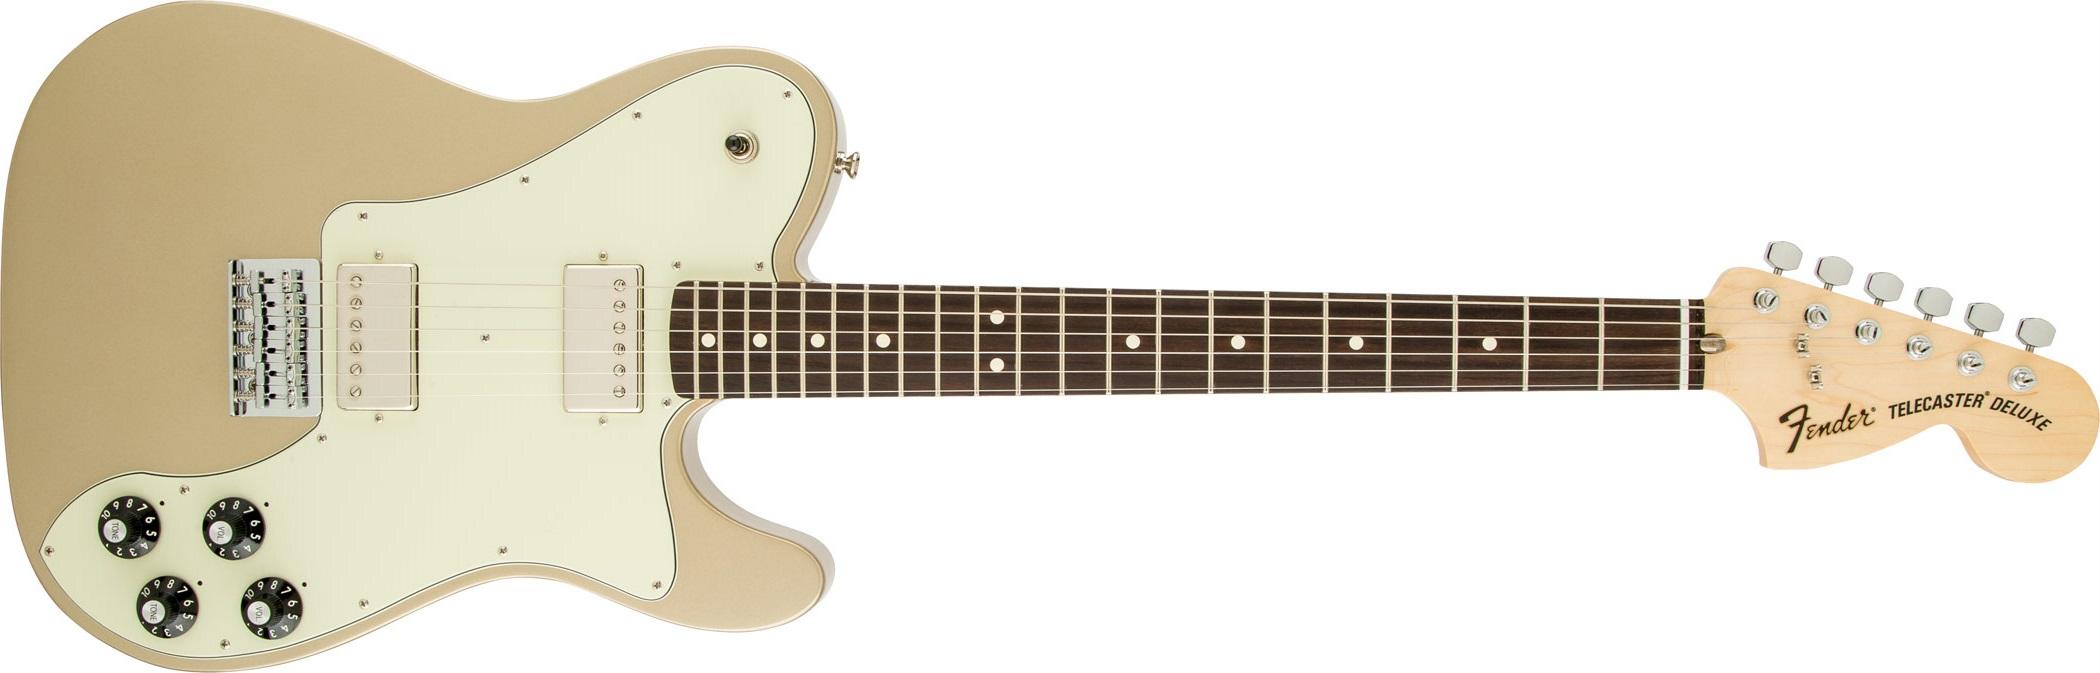 Fender Chris Shiflett Telecaster Deluxe RW SHG